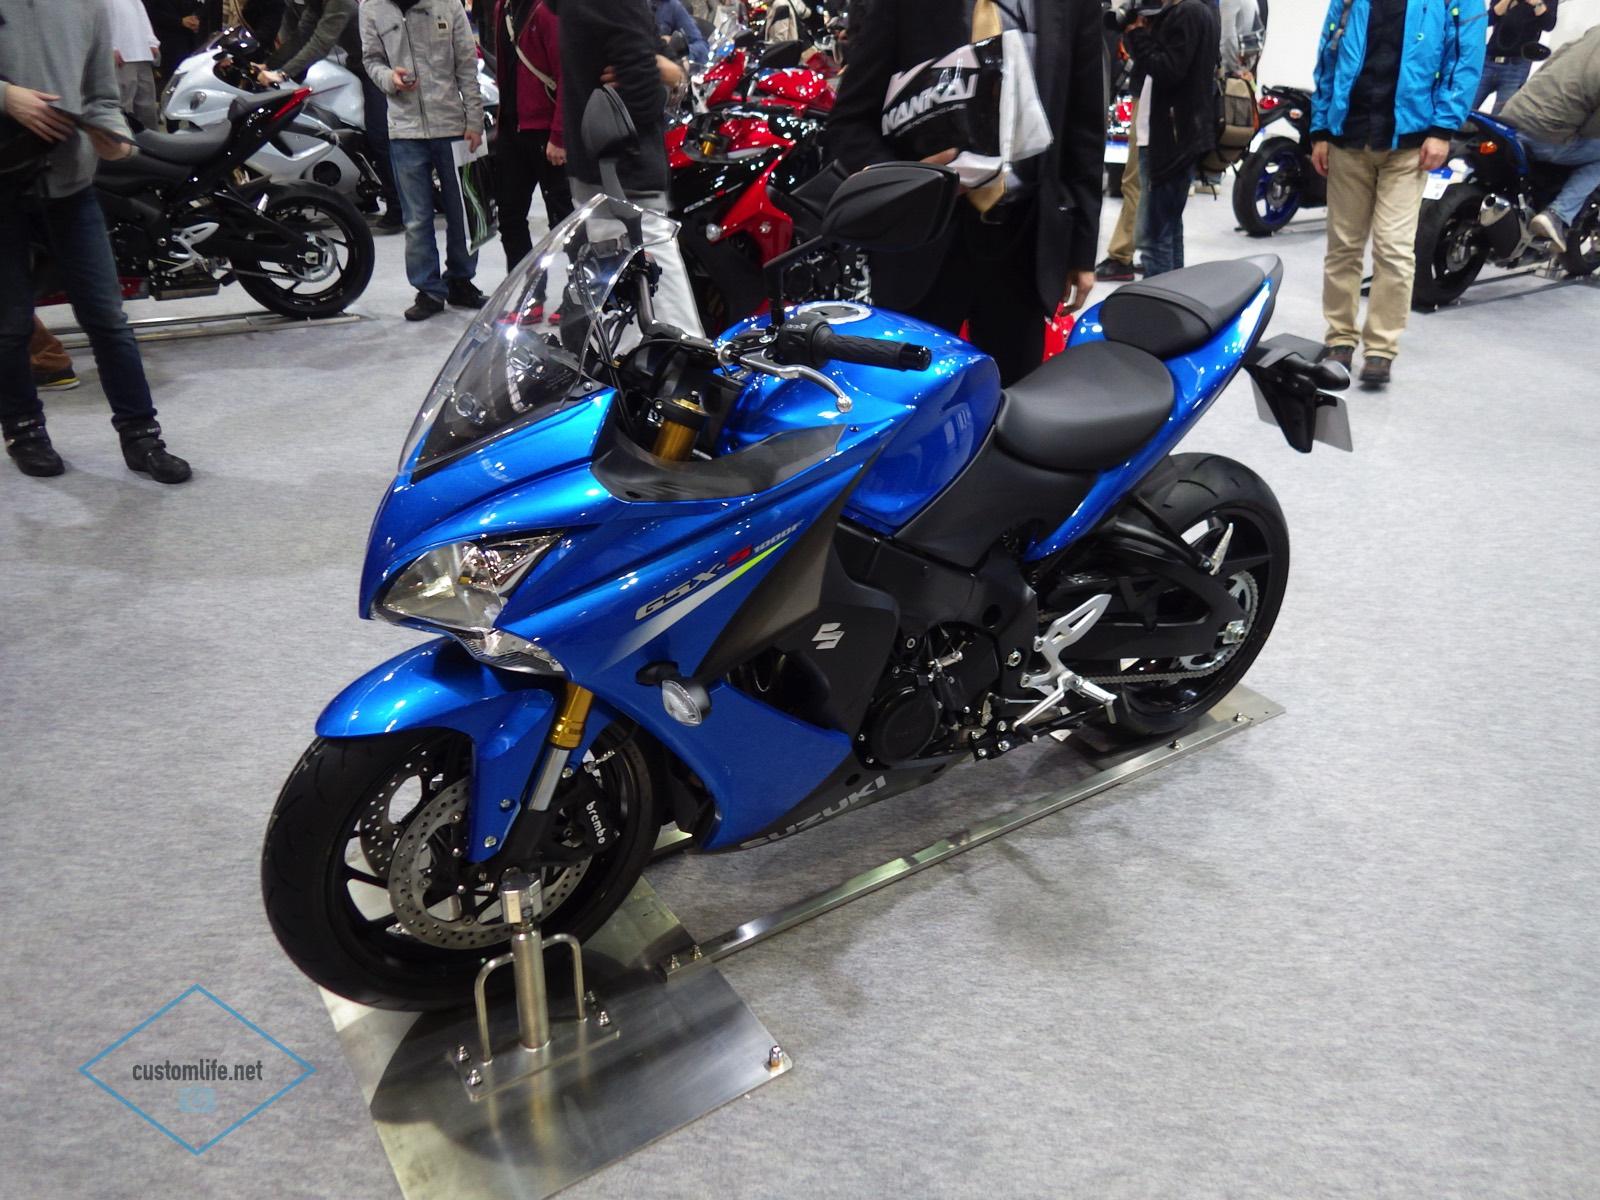 MotorcycleShow 2015 Osaka 10